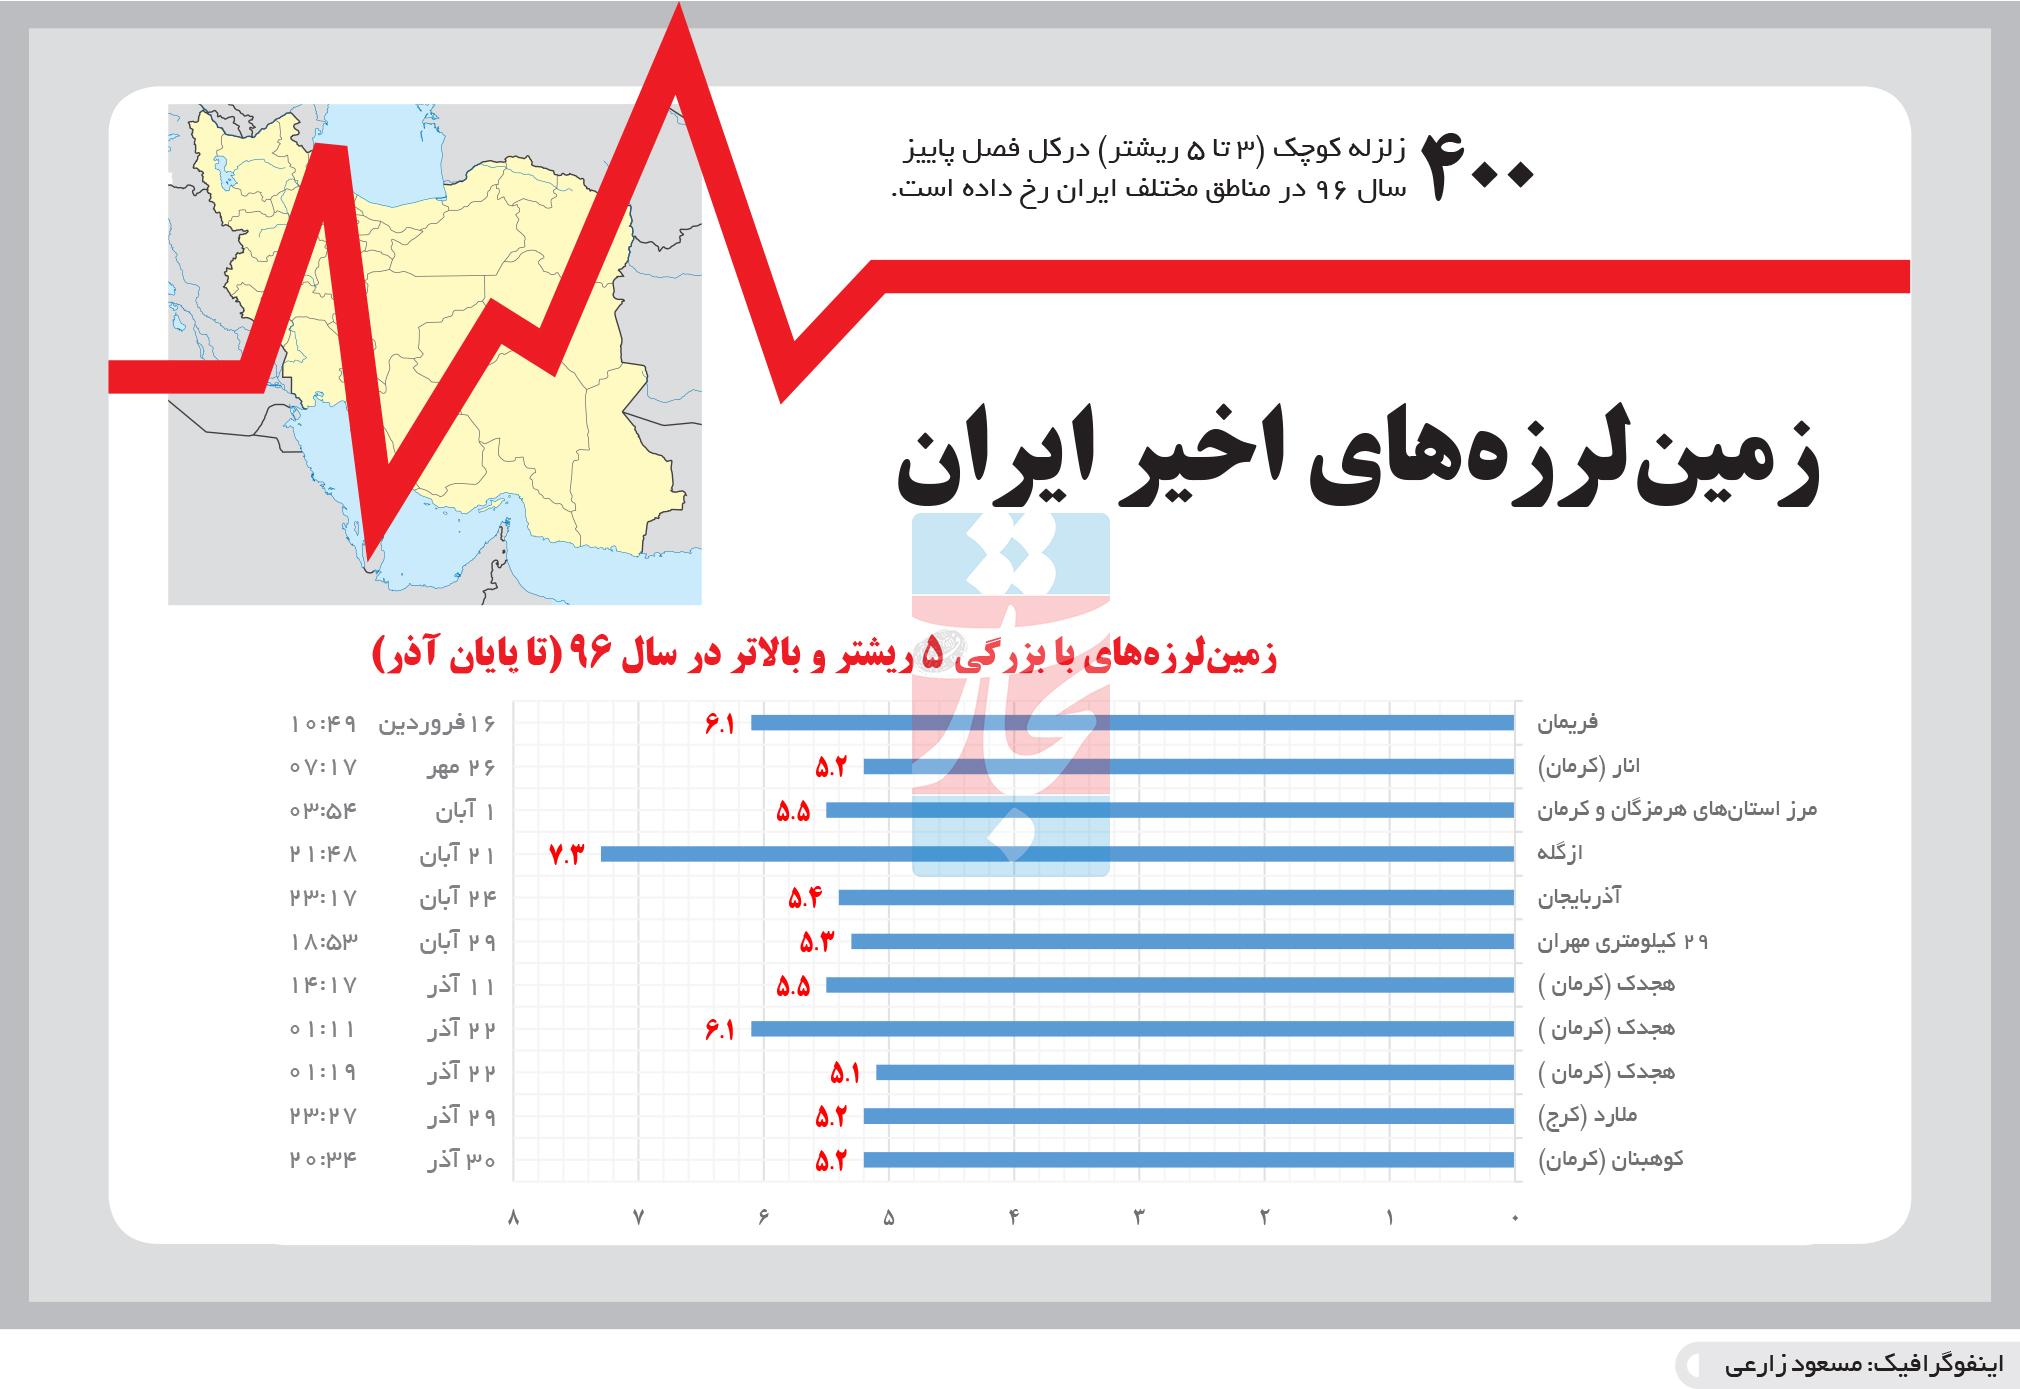 تجارت- فردا- زمینلرزههای اخیر ایران(اینفوگرافیک)